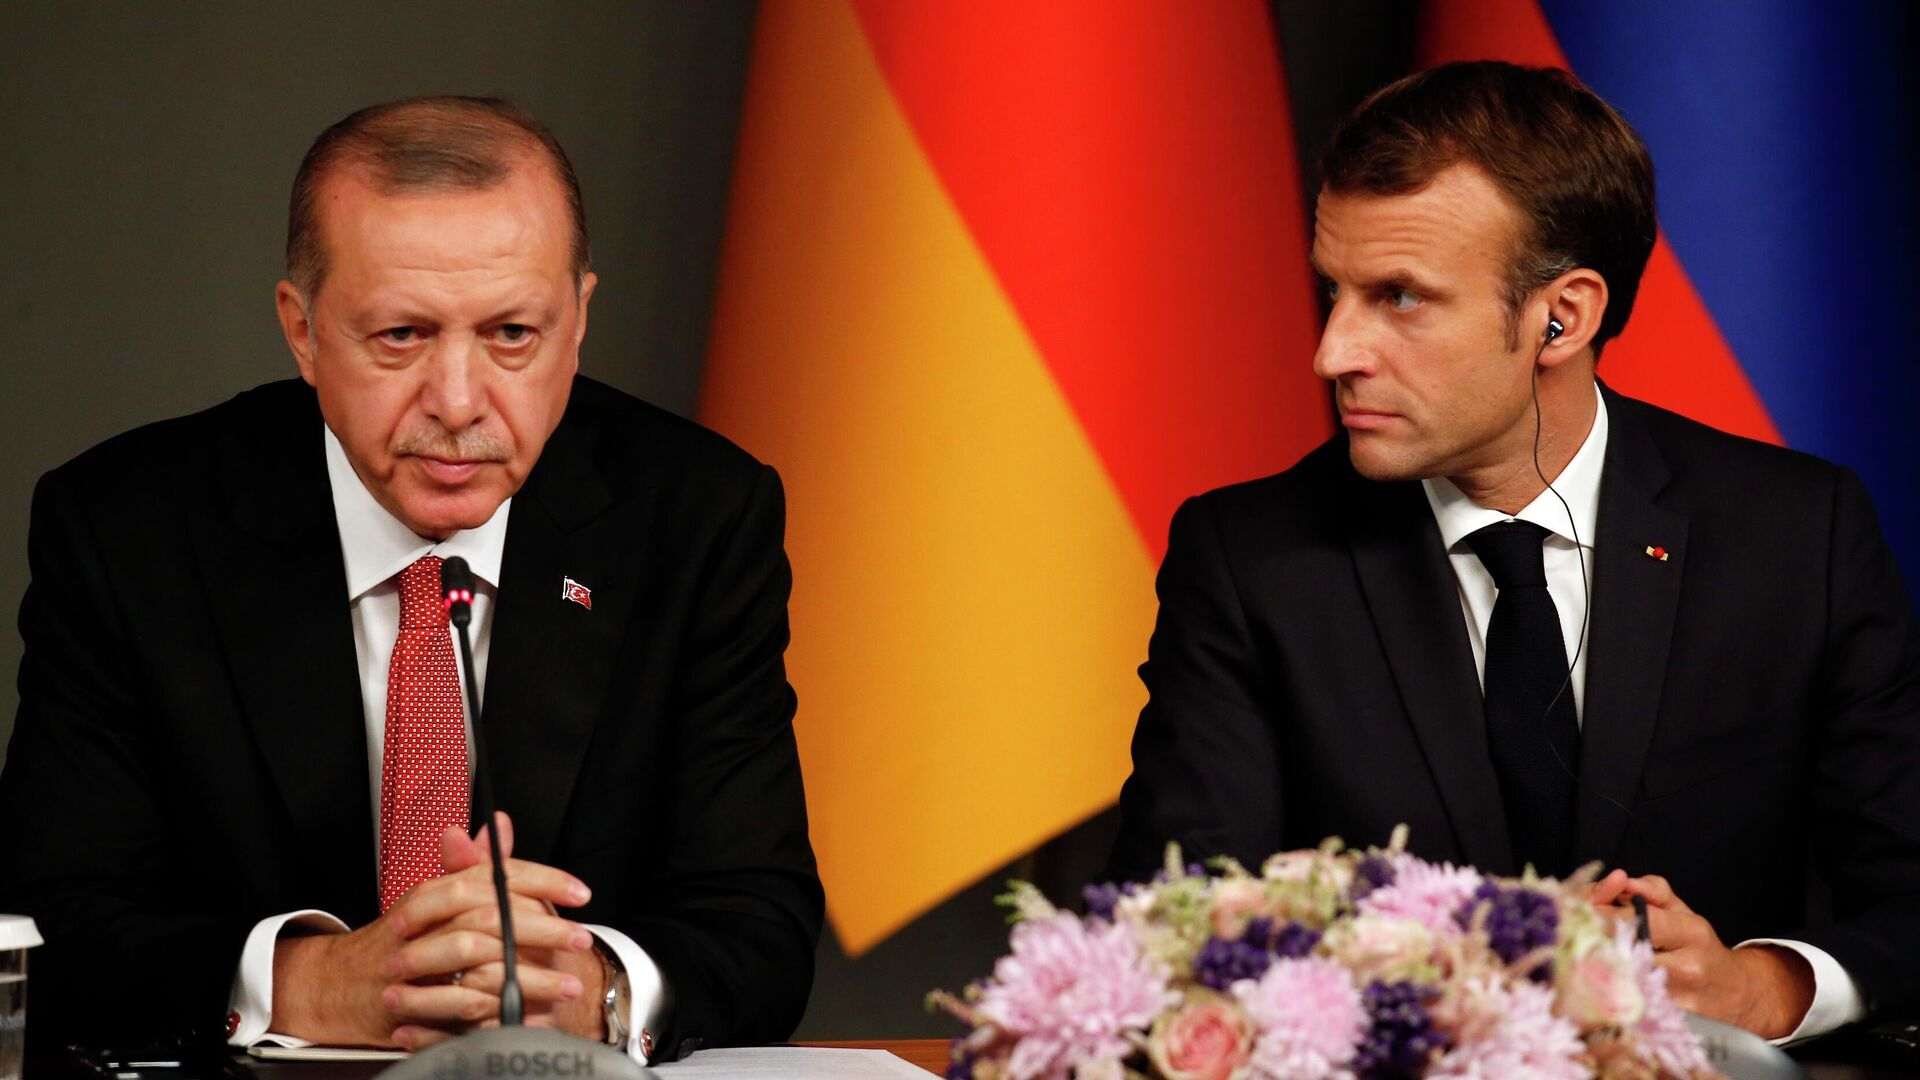 Президент Турции Реджеп Тайип Эрдоган и президент Франции Эммануэль Макрон - РИА Новости, 1920, 25.10.2020